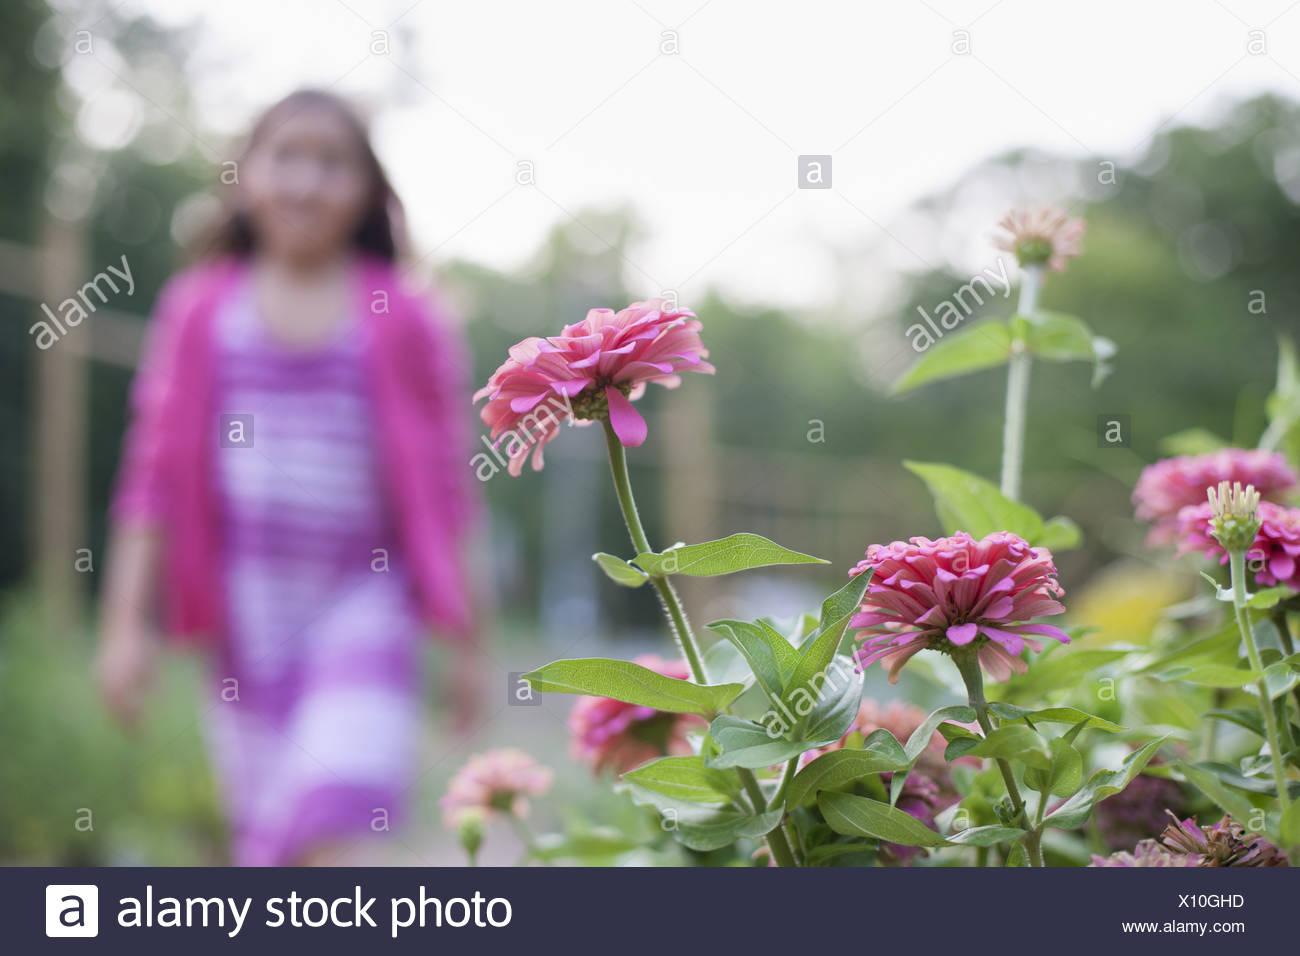 Woodstock New York STATI UNITI D'AMERICA giovane ragazza abito rosa a camminare lungo il letto di fiori Immagini Stock